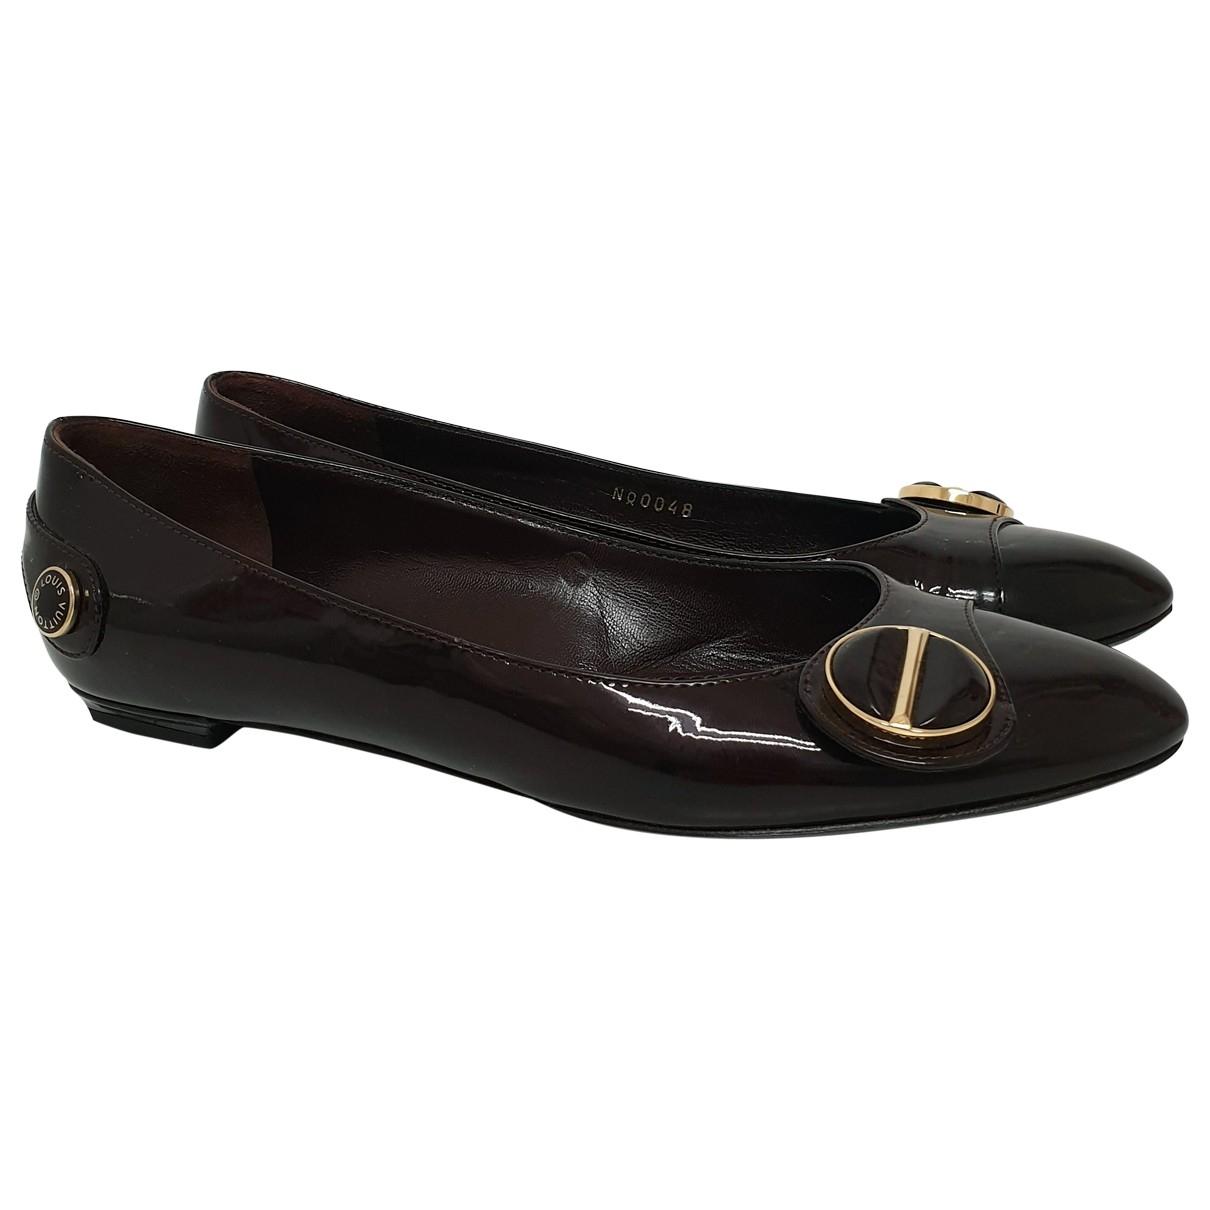 Louis Vuitton - Ballerines   pour femme en cuir verni - bordeaux